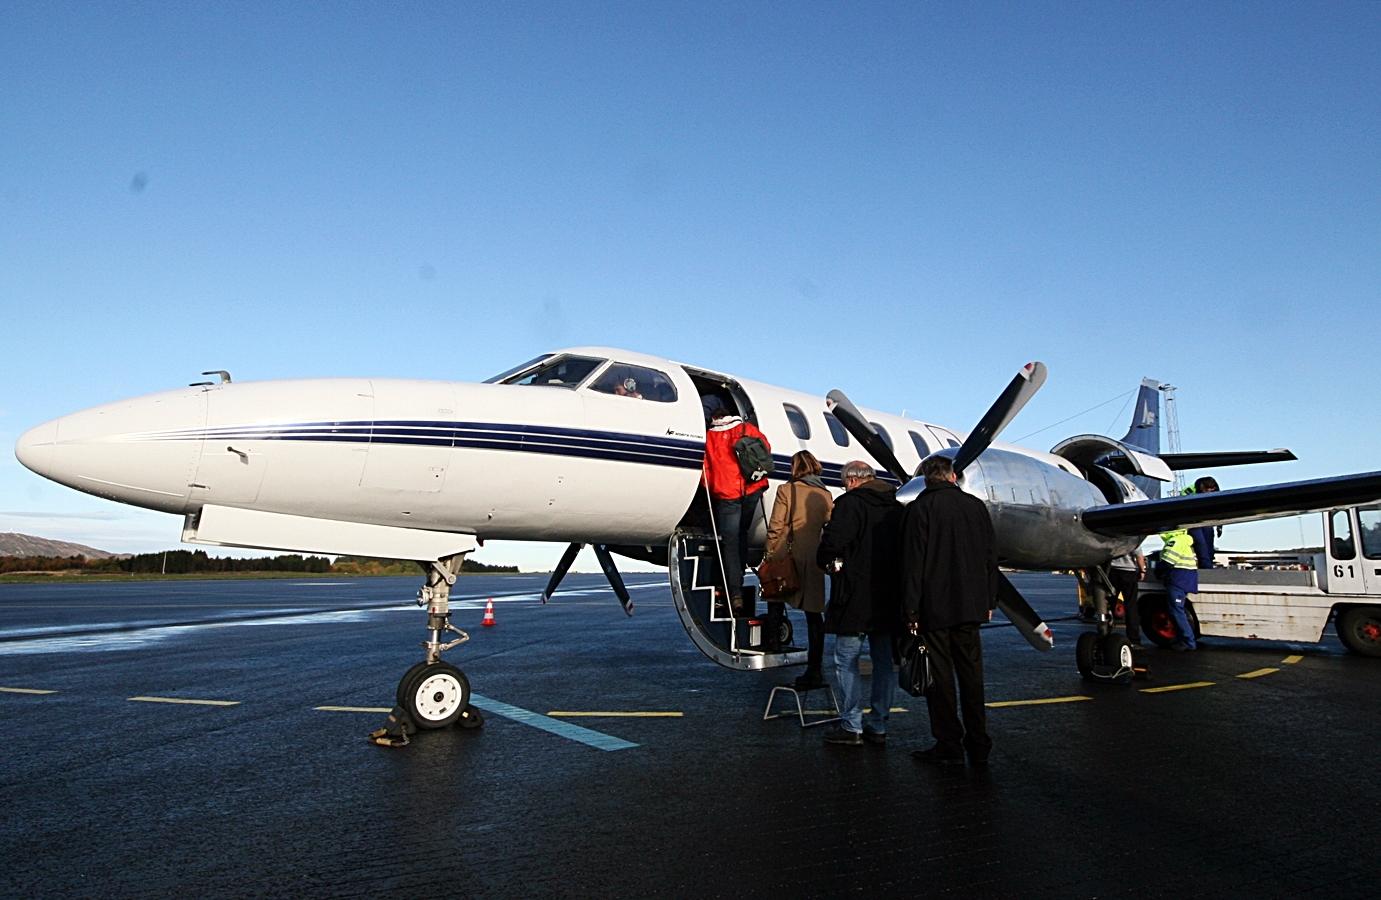 Et af North Flyings Metroliner-fly på Svalbard (Foto: Oddgeir Tørresdal)